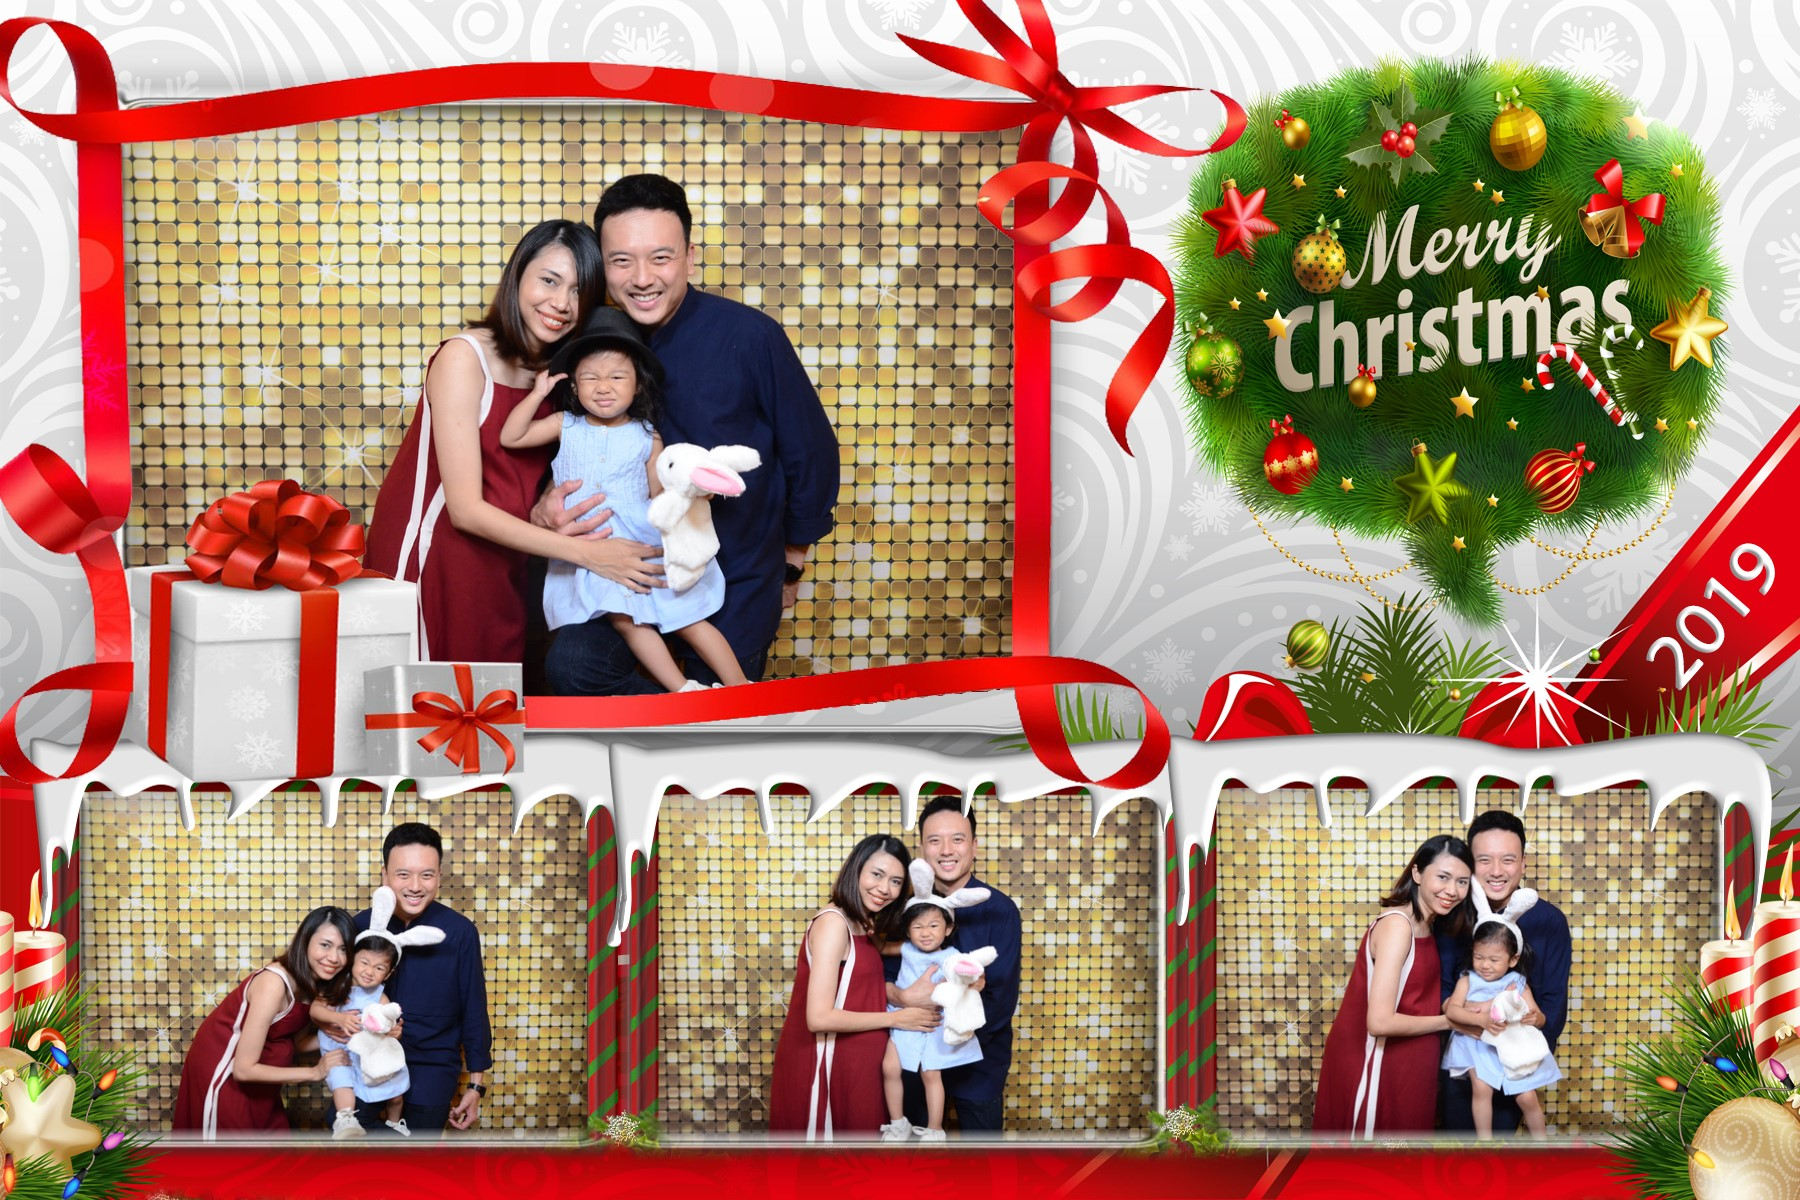 S1 - Christmas 4 poses